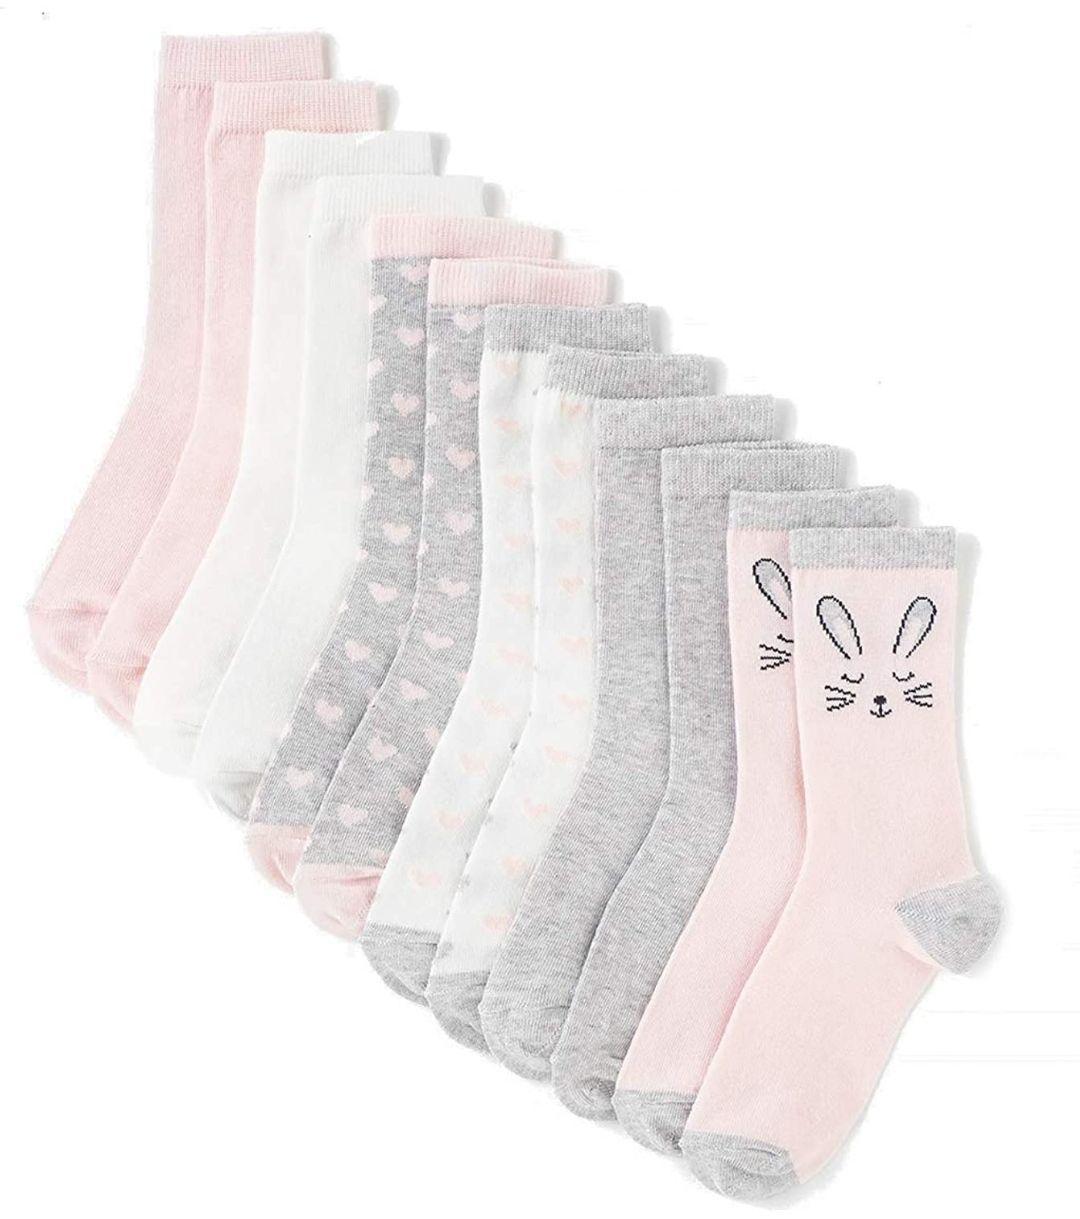 Calcetines,niñ@,unisex)6 pares de Calcetines Estampados/Lisos Unisex(100%diseño España)